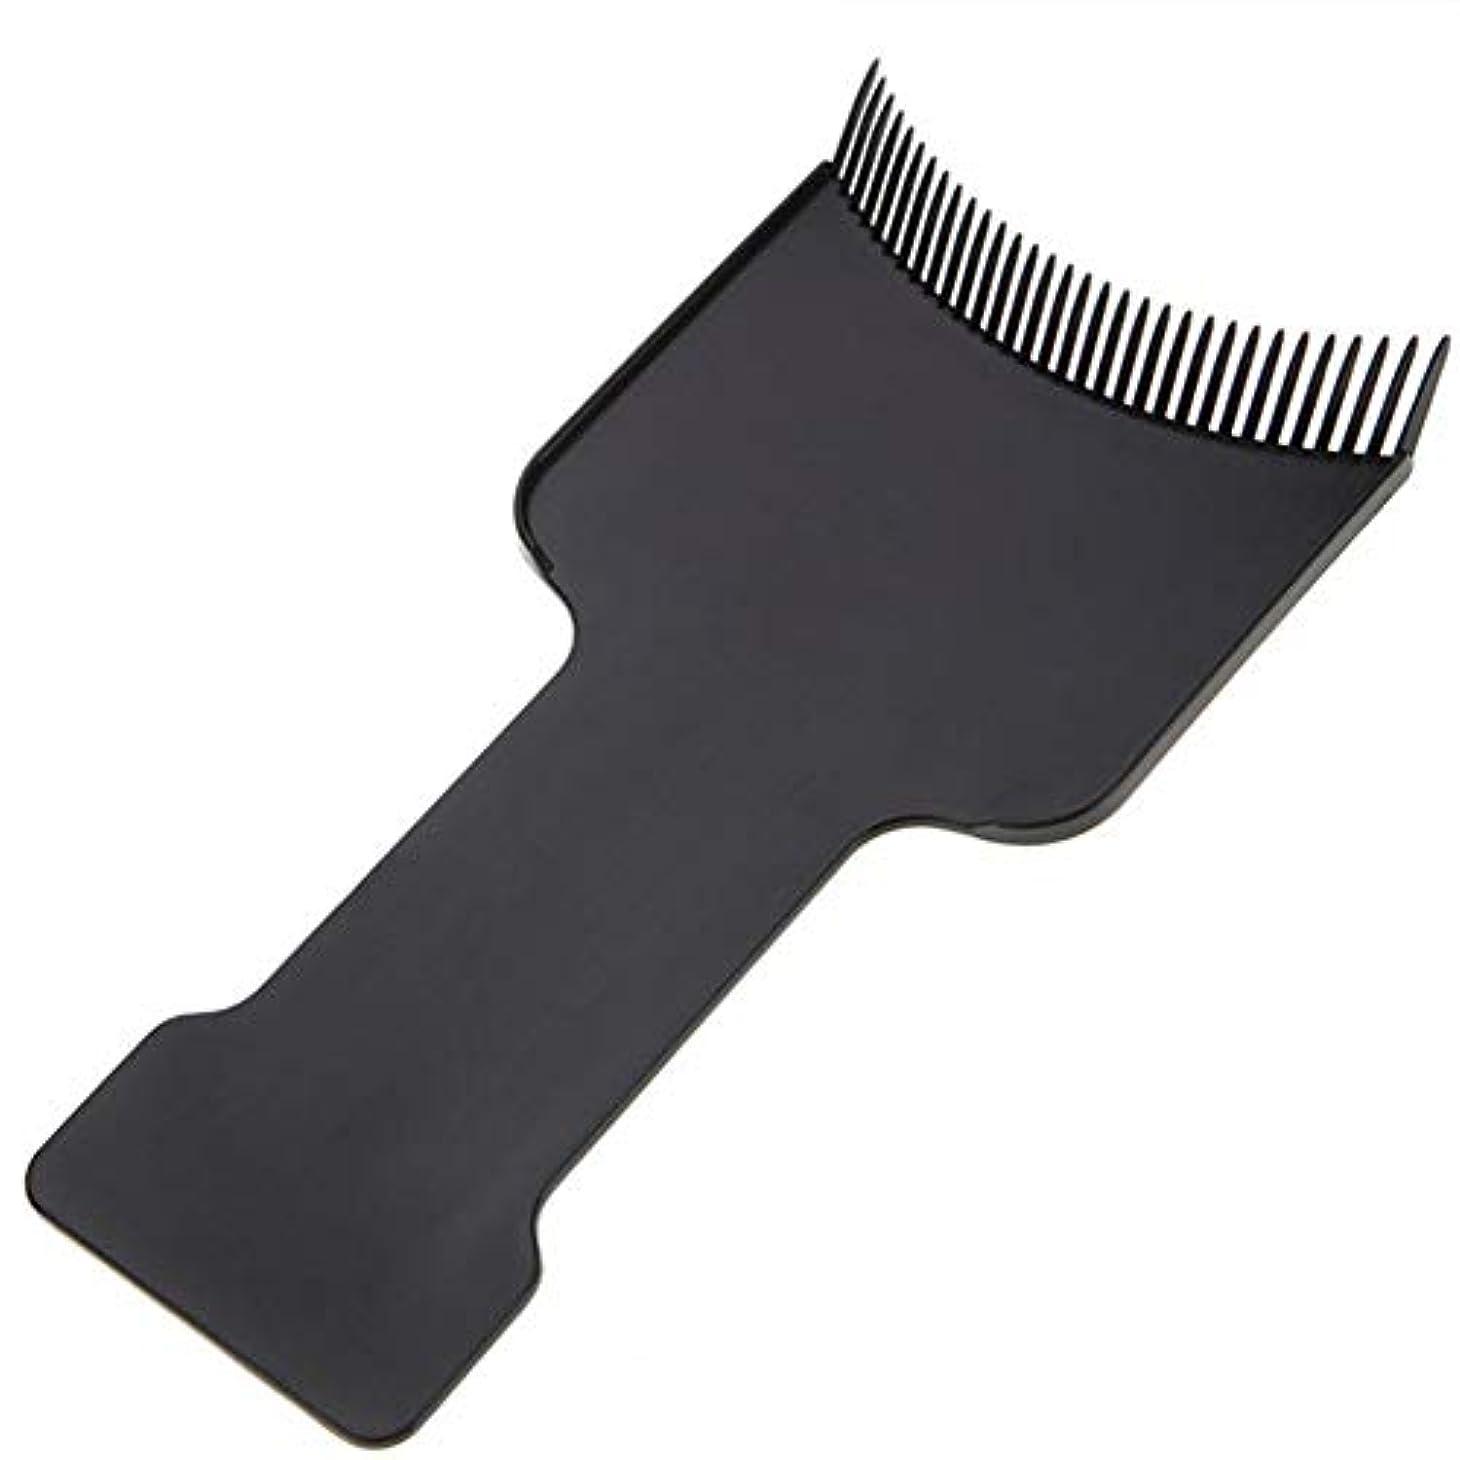 それる誤解を招く血まみれのAIMERKUP 理髪サロンヘアカラーリング染色ボードヘアトリートメントケアピックカラーボードくし理髪ツール frugal friendly